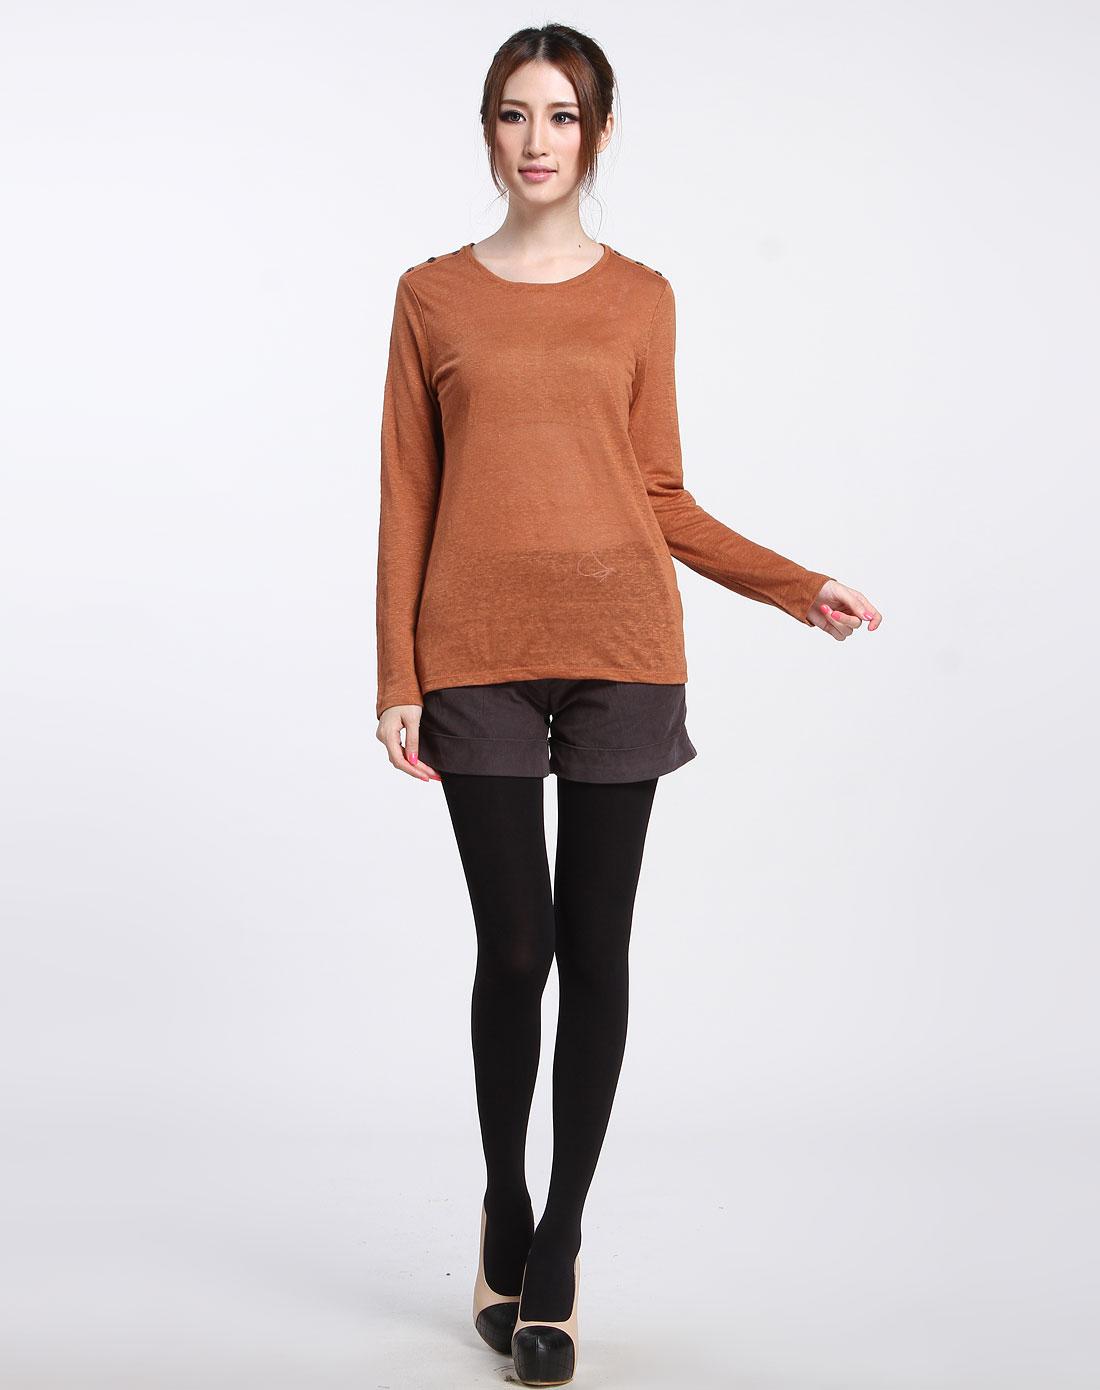 棕色简约圆领长袖针织衫